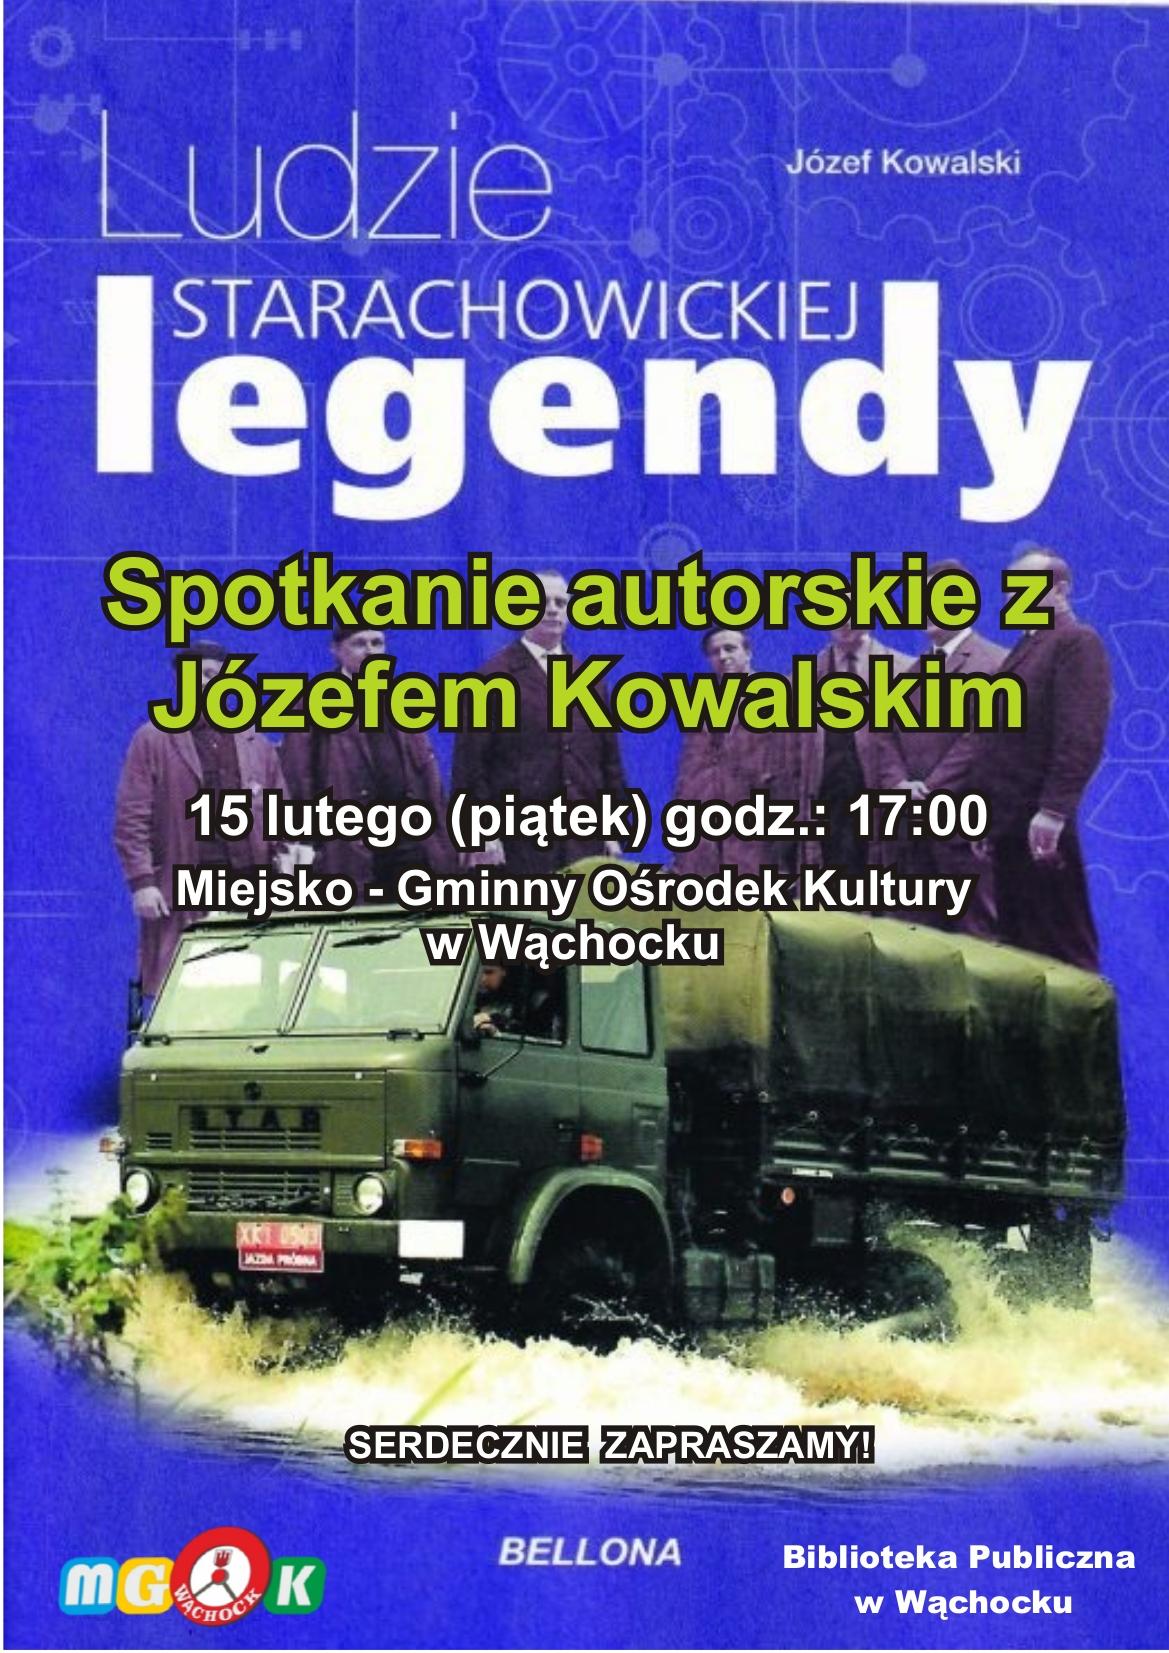 Spotkanie autorskie - Józef Kowalski - Ludzie starachowickiej legendy